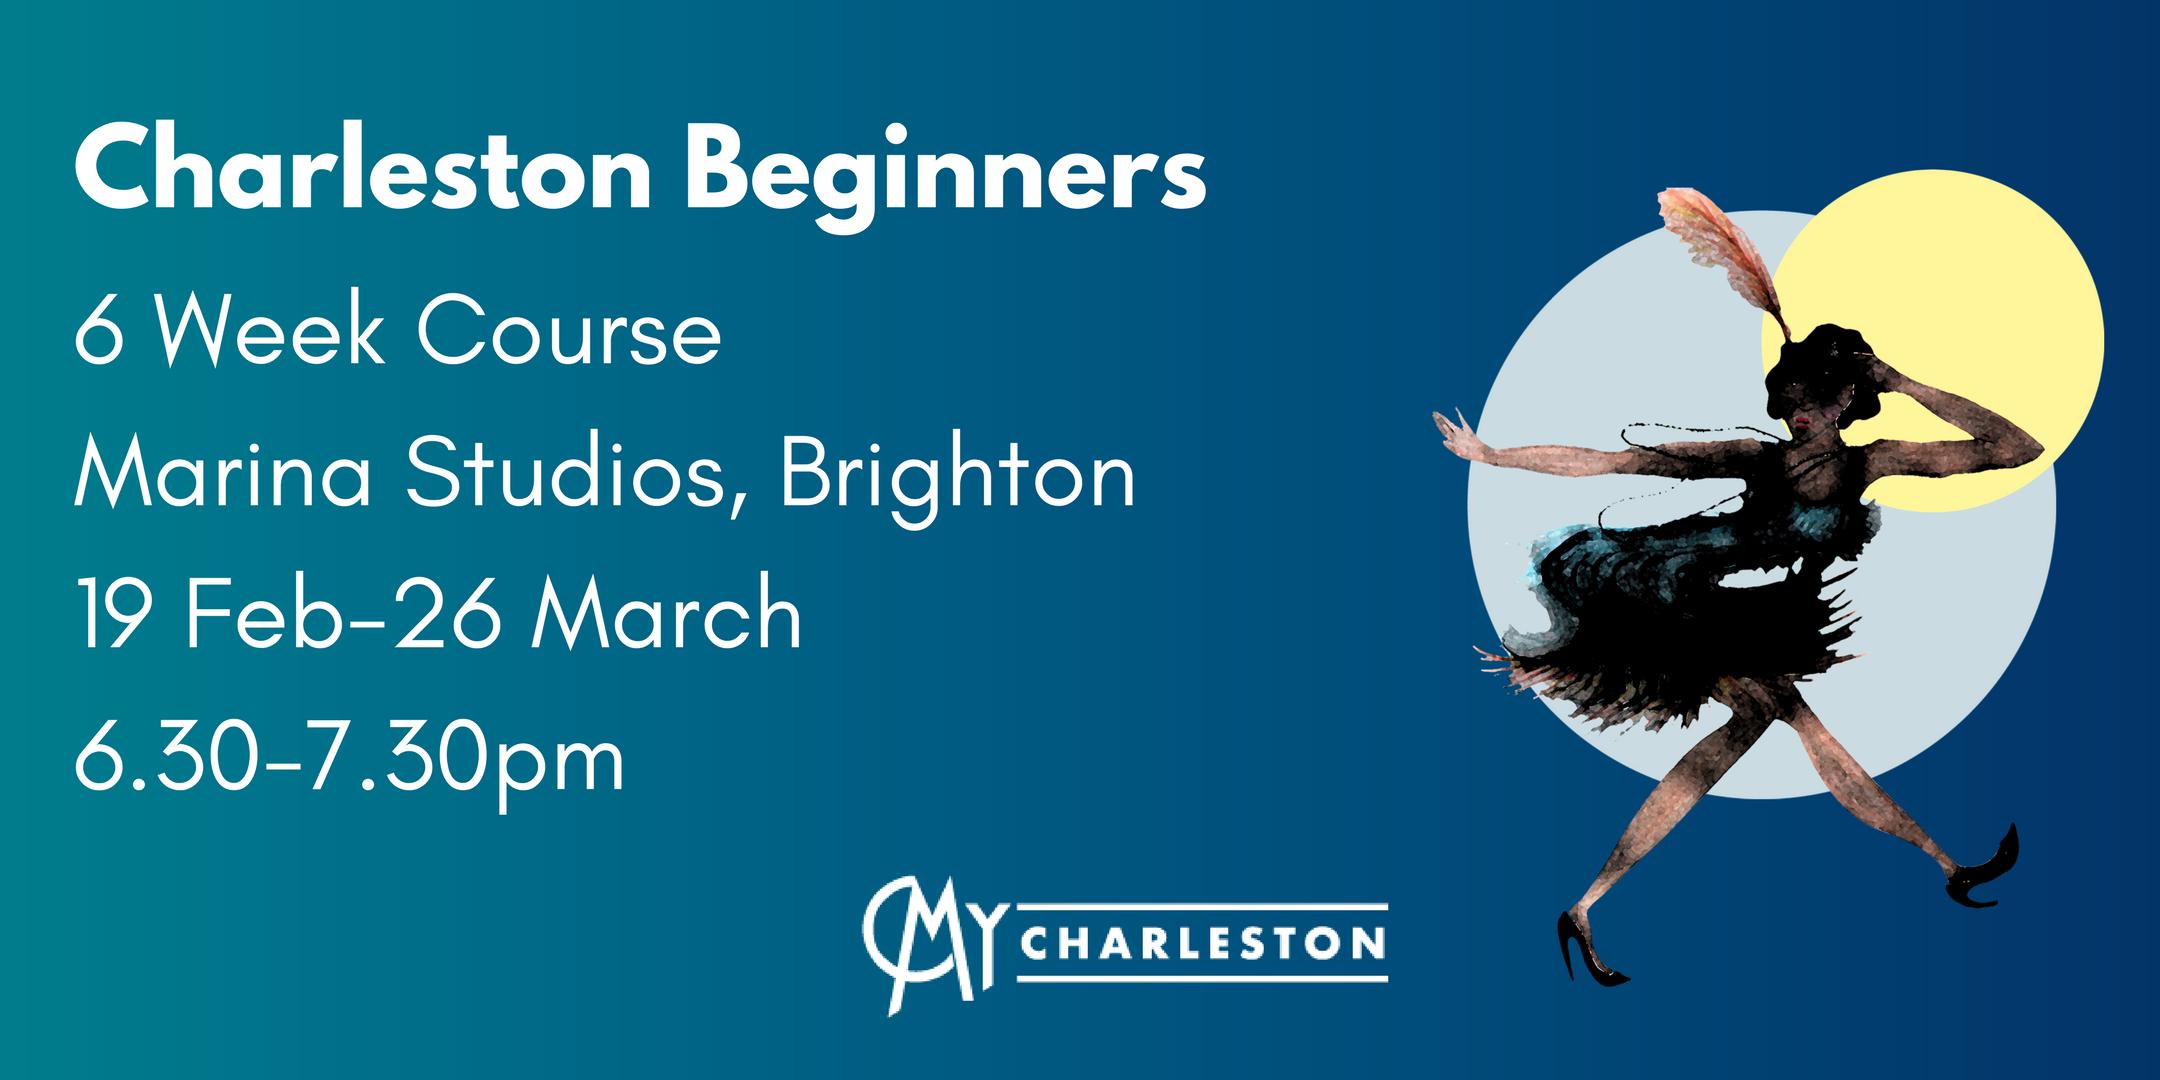 6 Week Charleston Course at Marina Studios, B